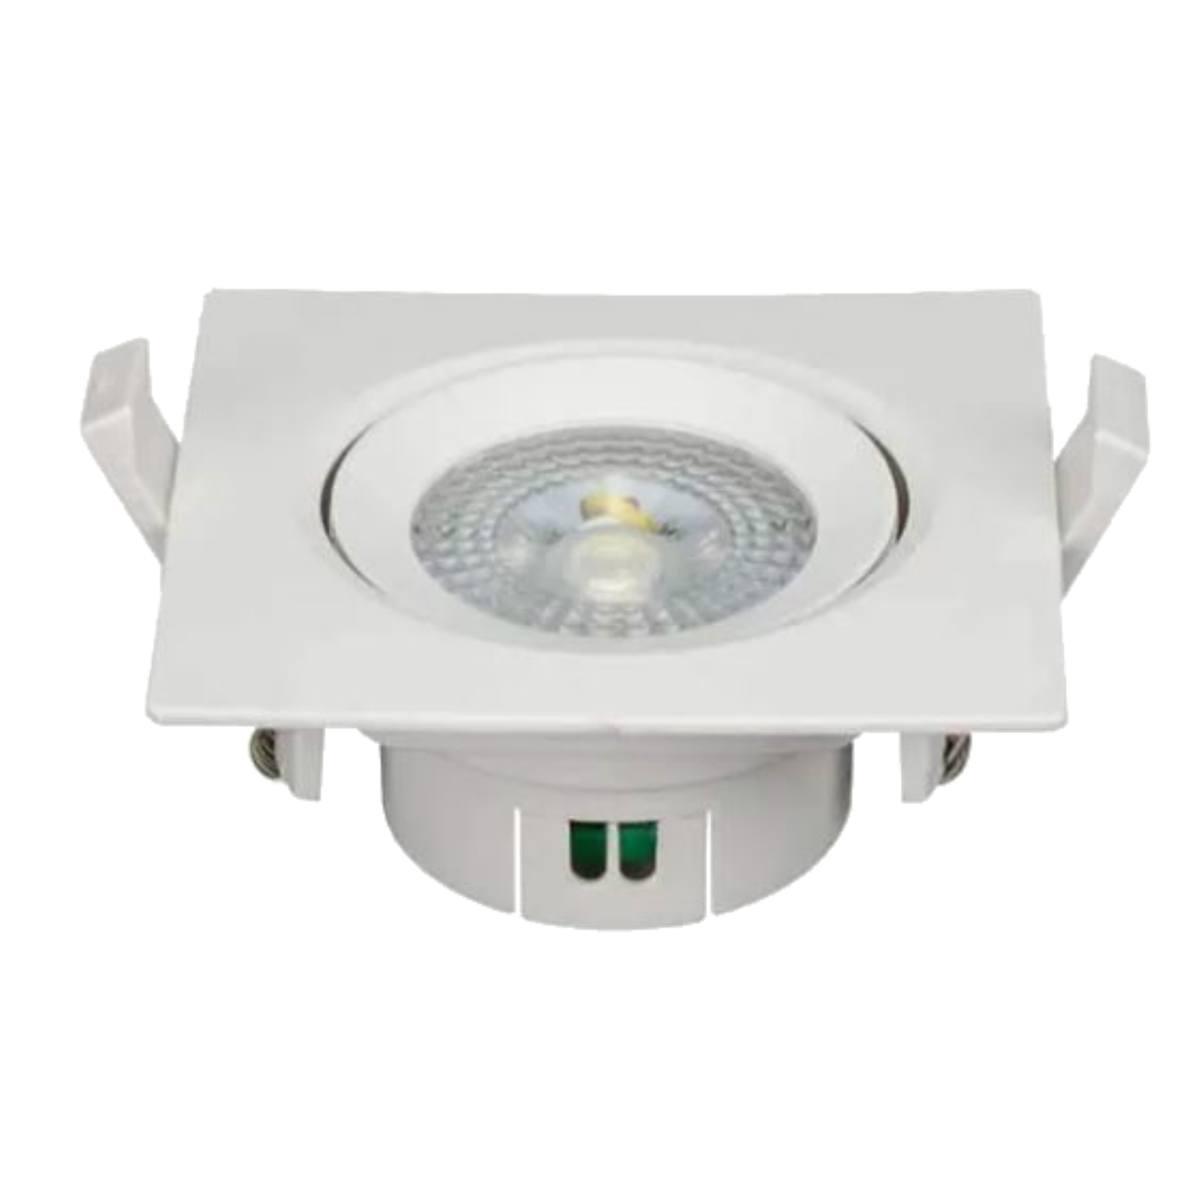 Spot Led 5w Lampada Direcionável Branco Quente 3000K OL